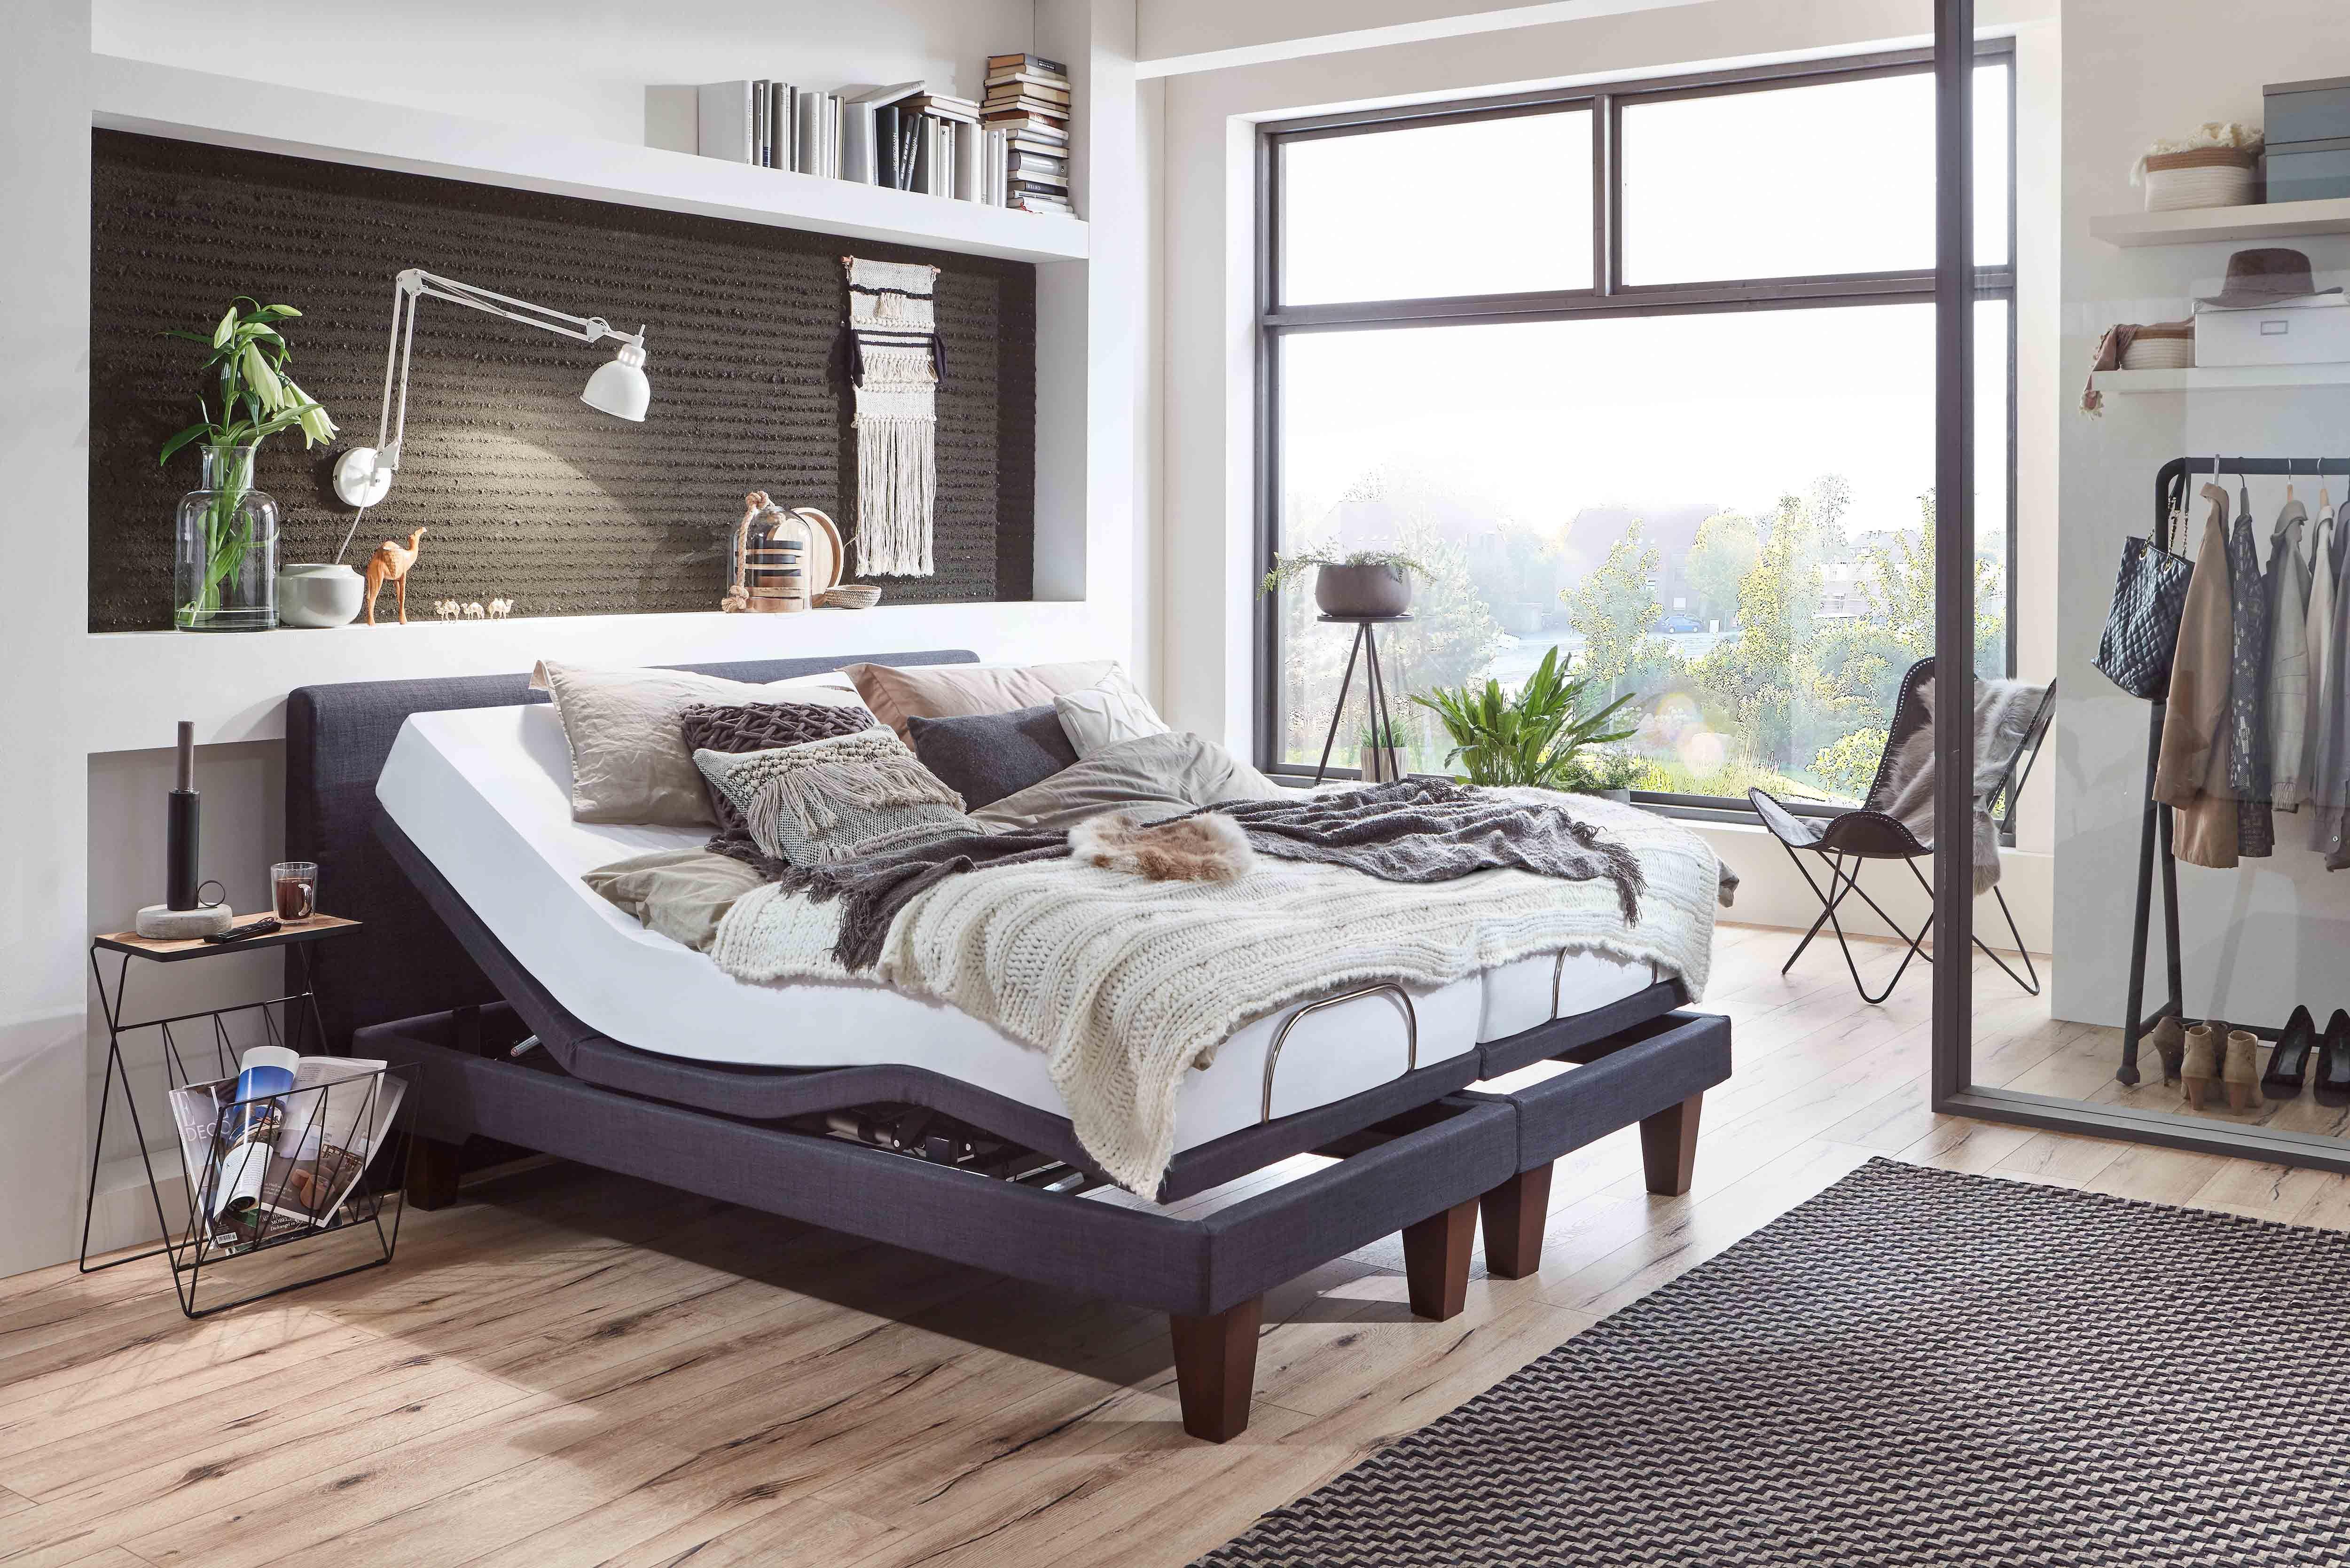 Ergomotion 390 adjustable bed in 2020 adjustable beds